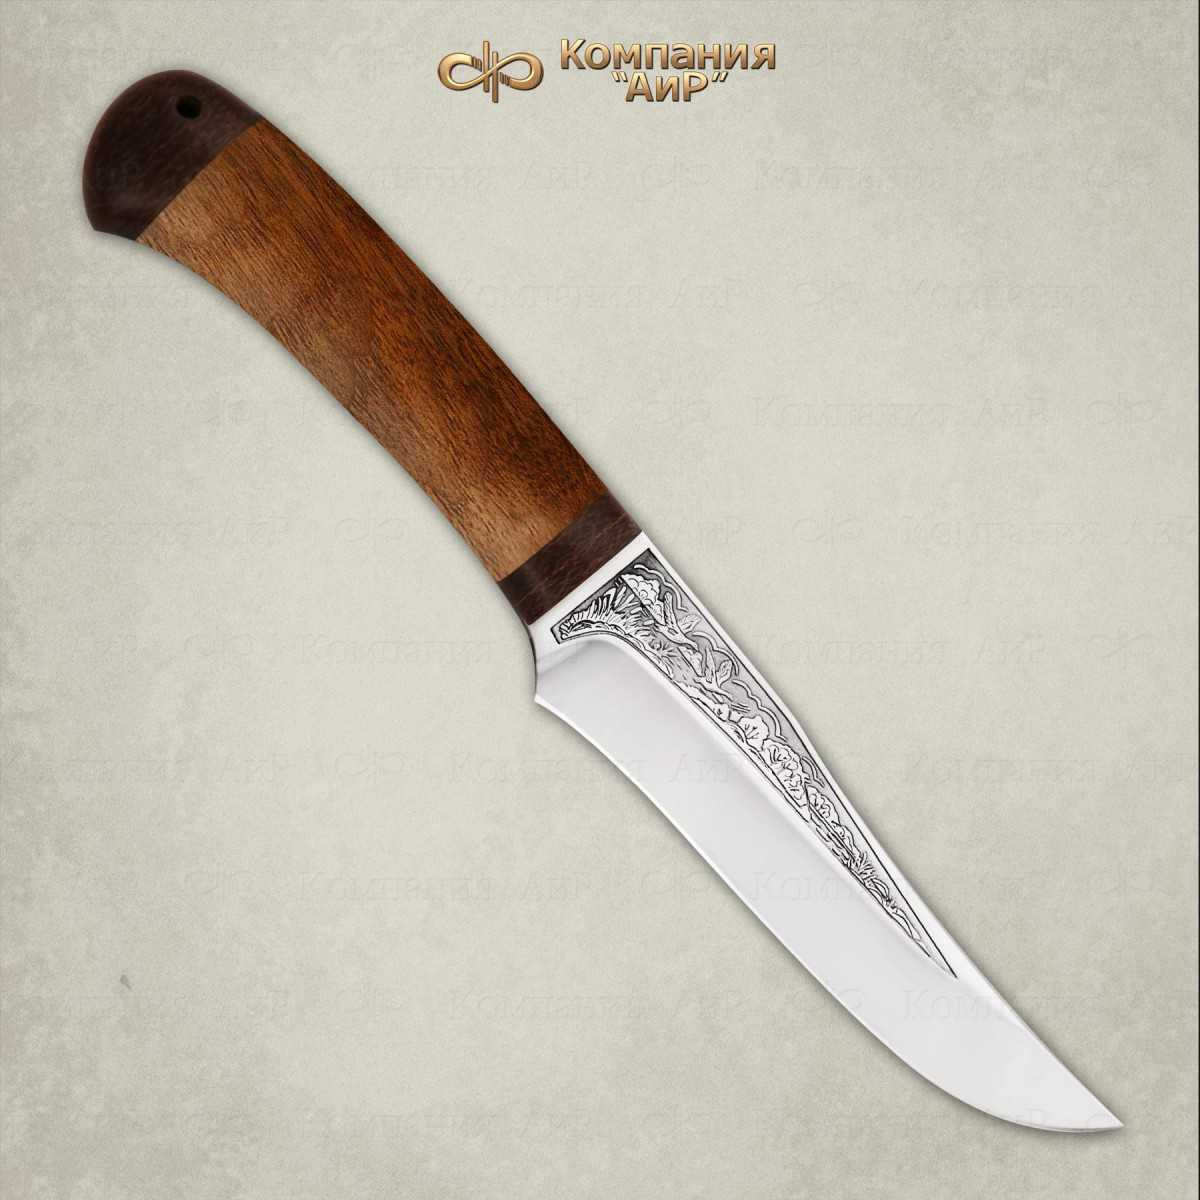 Купить Нож Восток, дерево, 100х13м от АиР в России